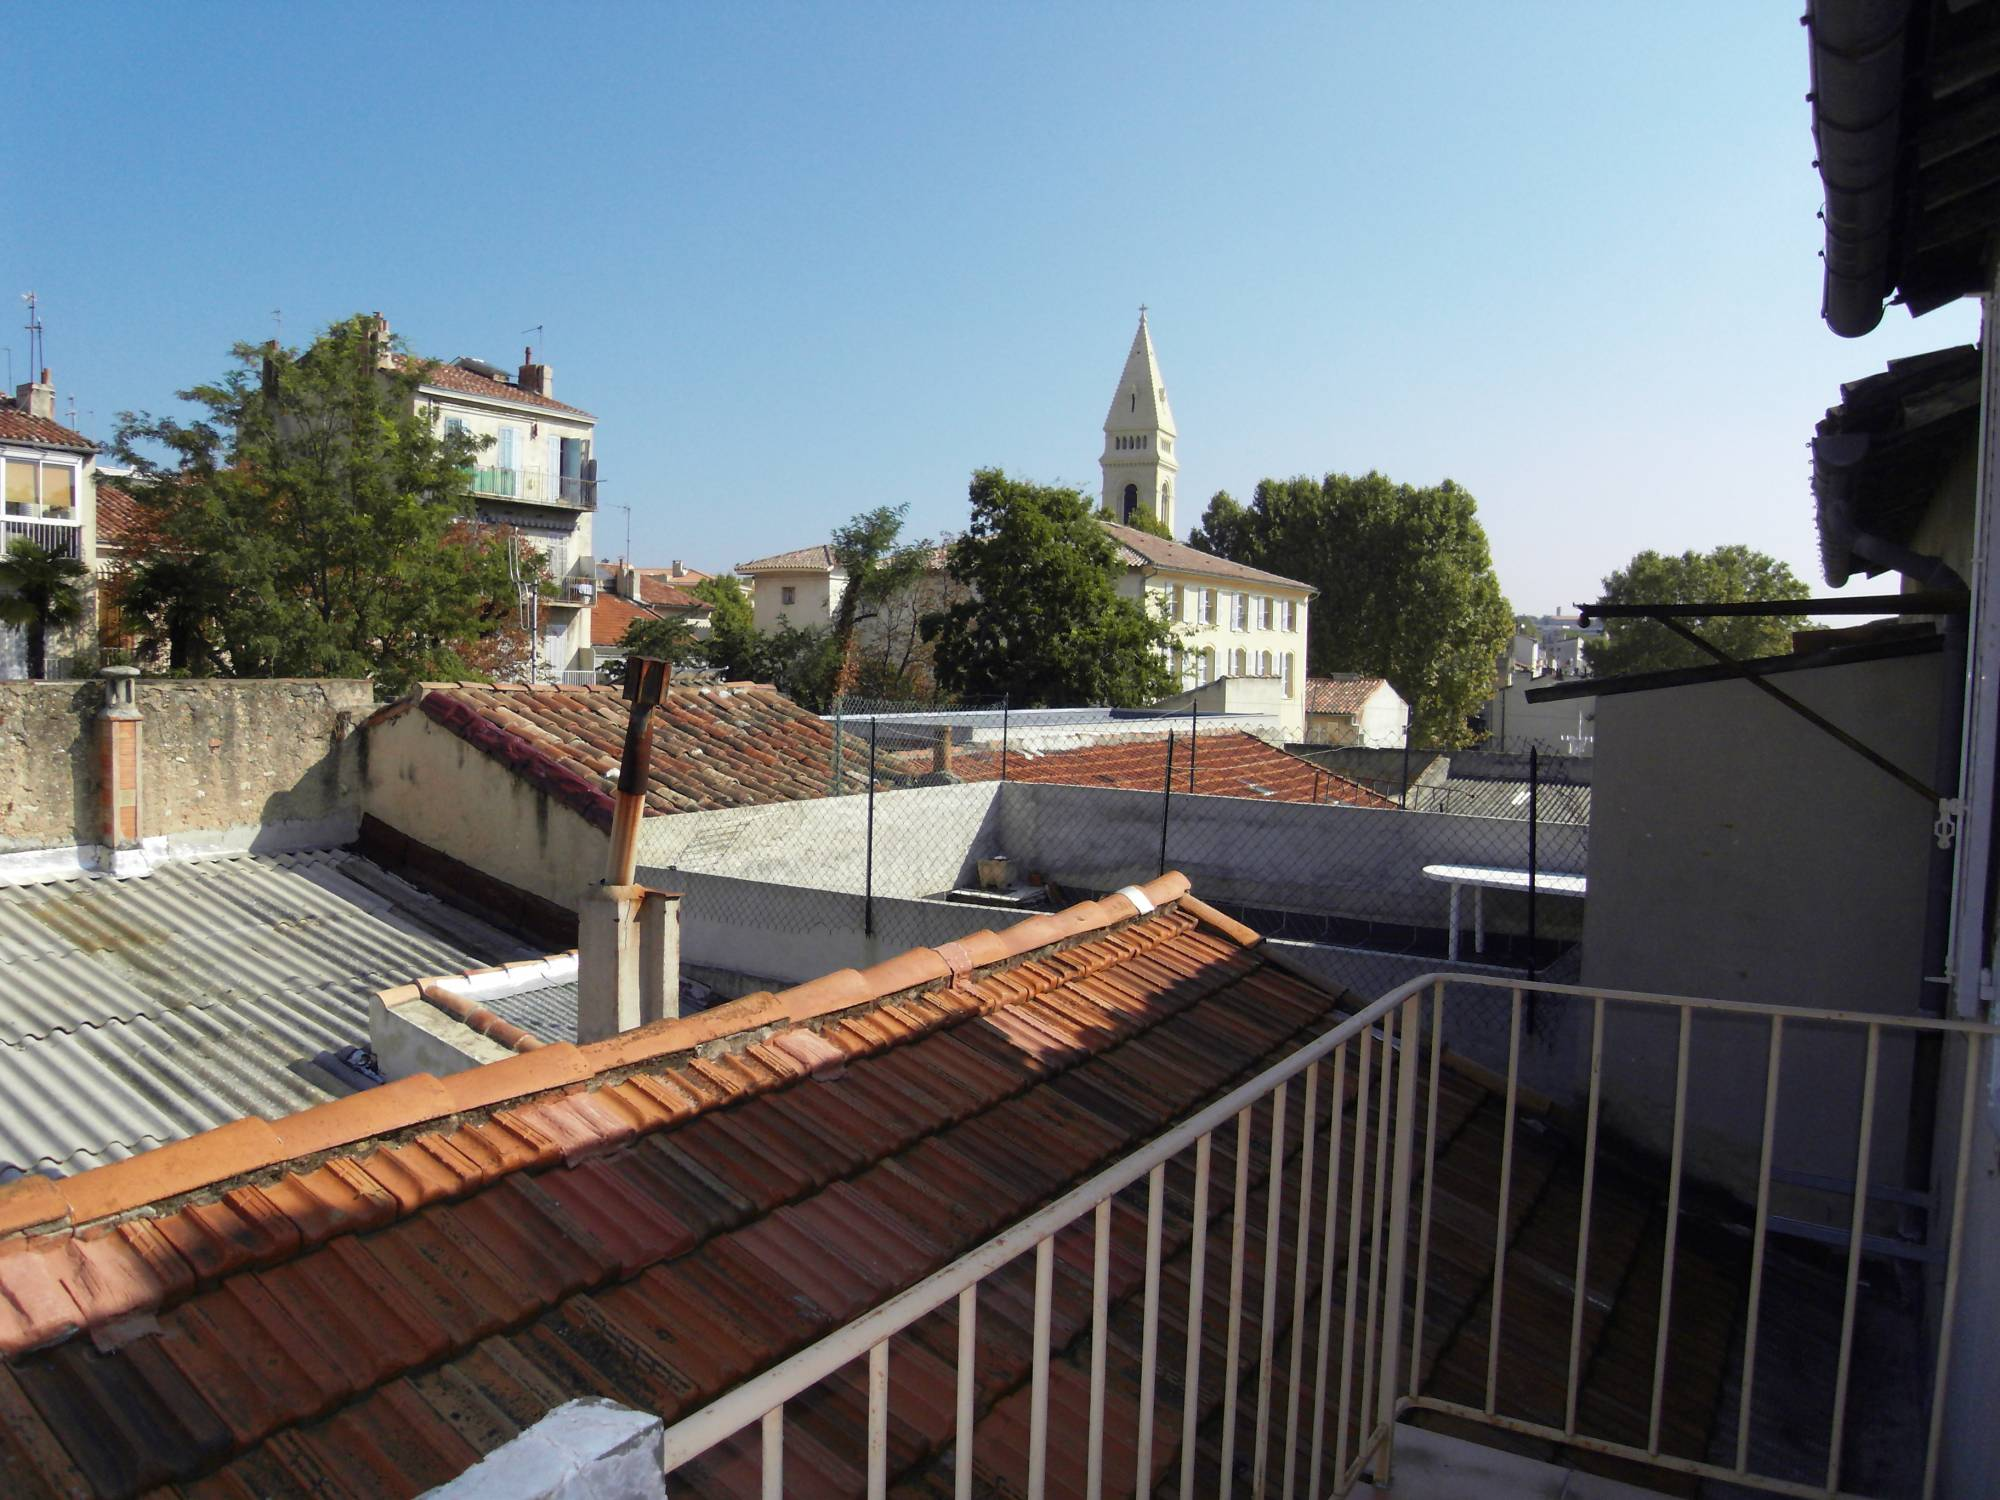 Appartement de 3 pièces à louer centre village St Barnabé 13012 Marseille